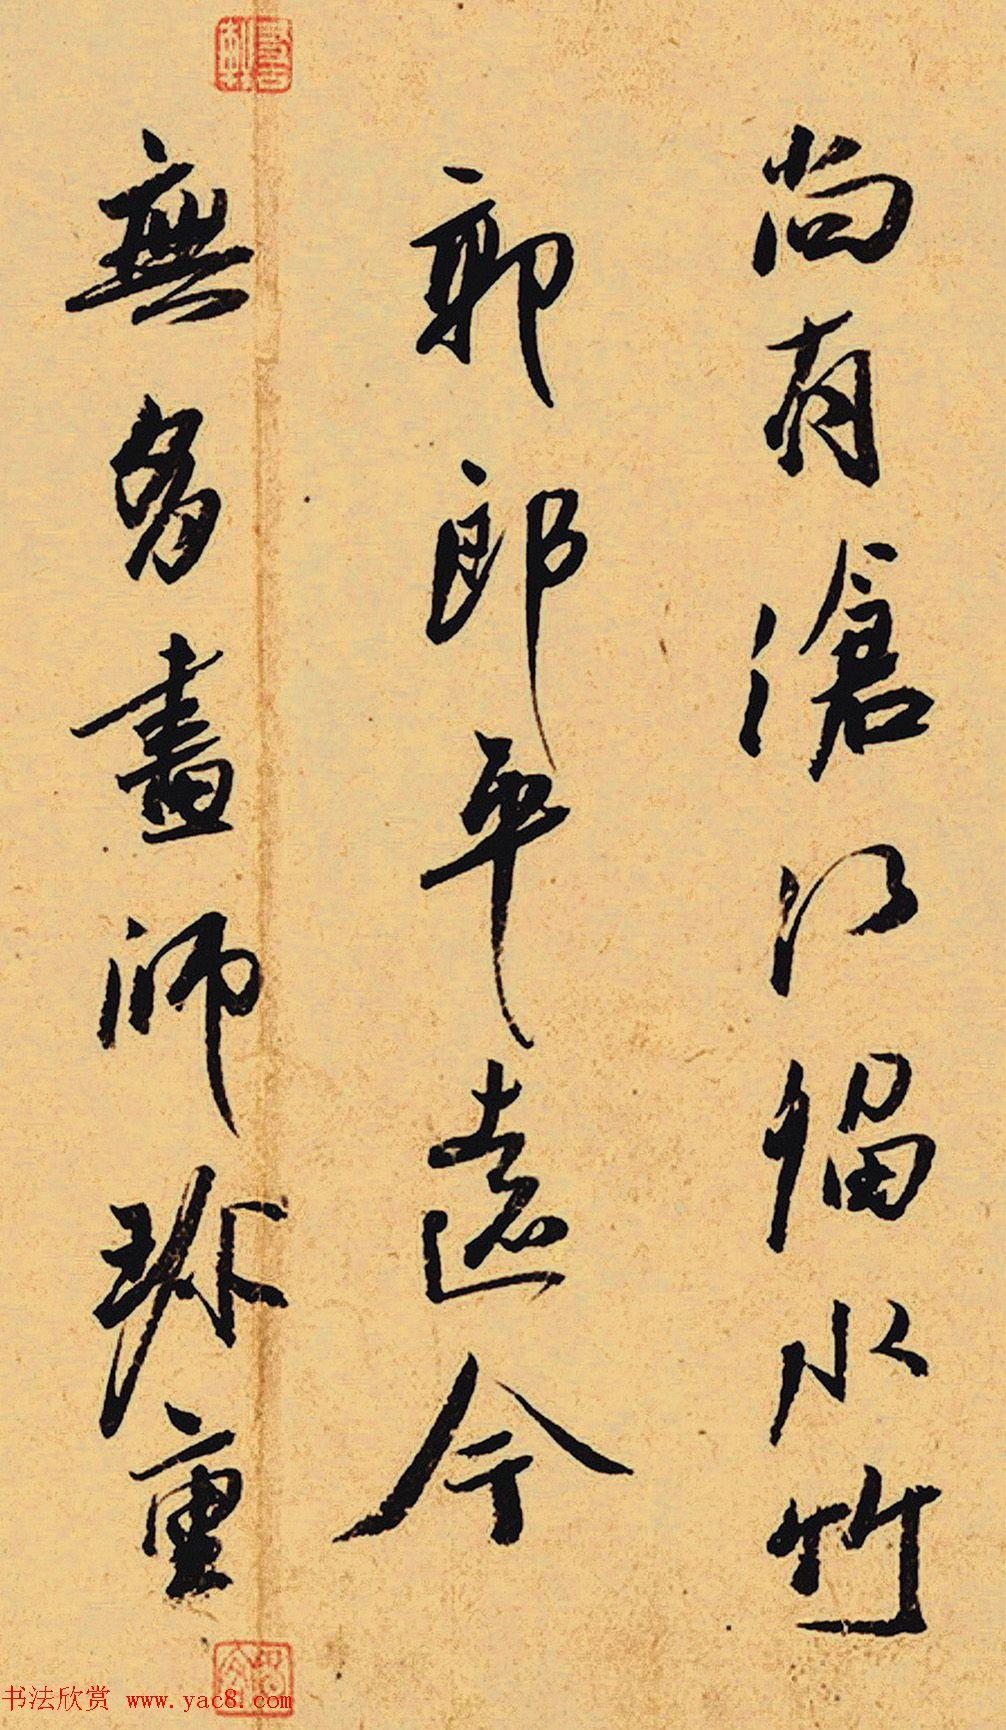 元代书法家冯海粟行书七言诗